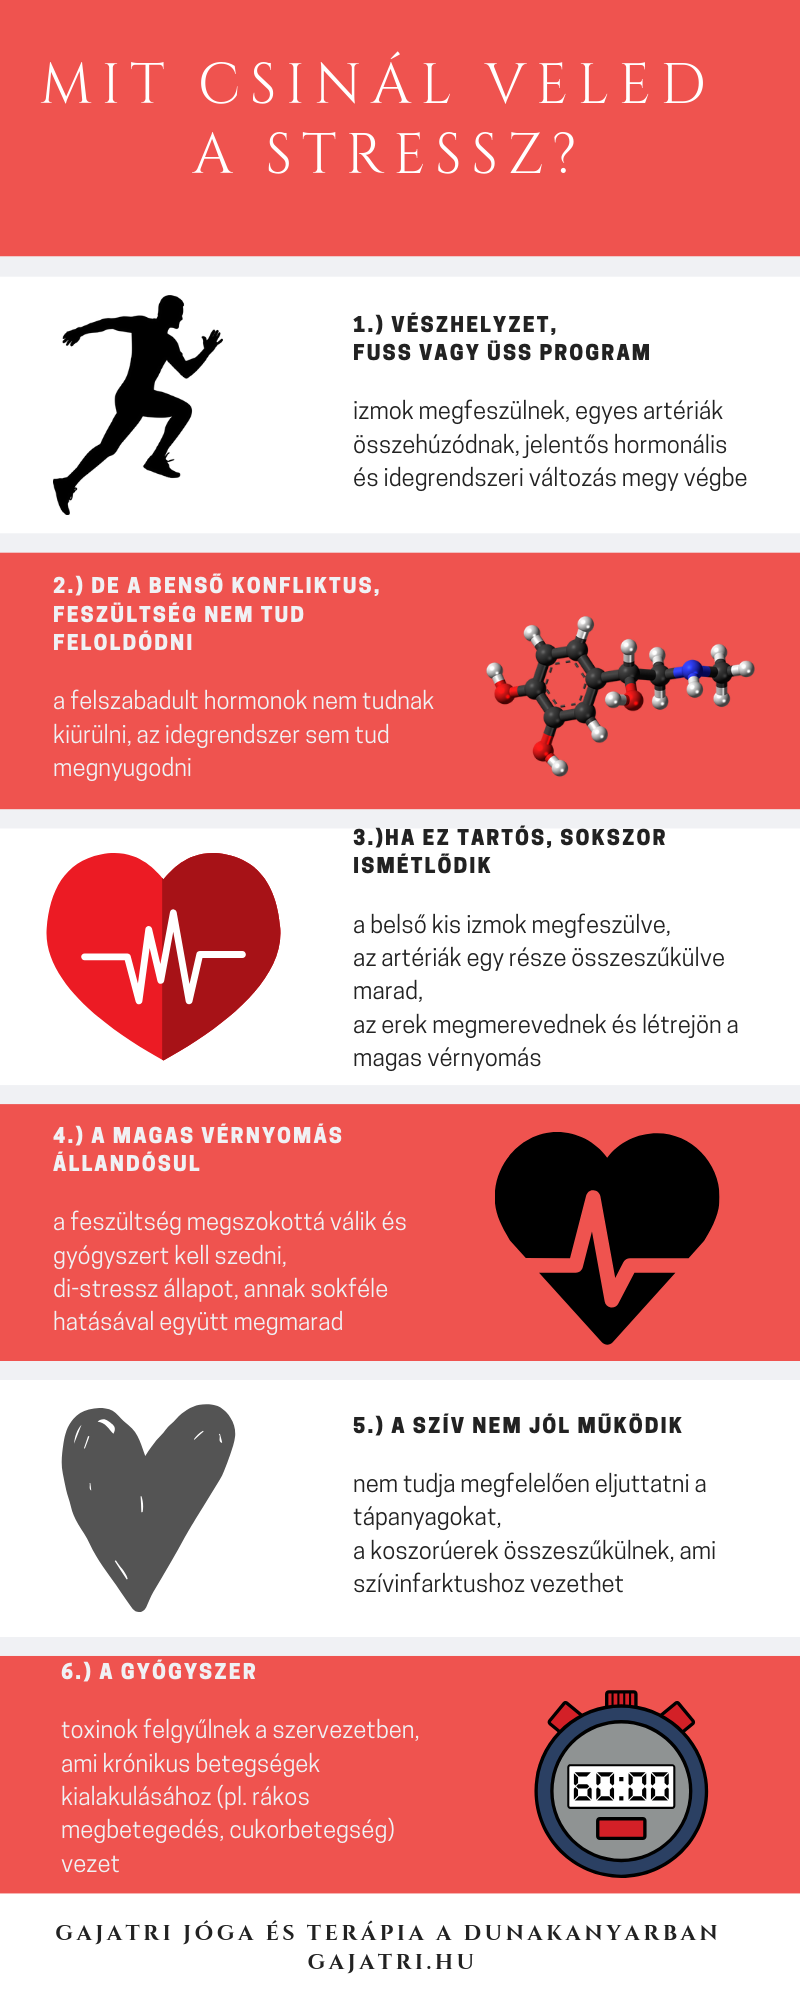 magas vérnyomás elleni léptető kockázati tényezők a hipertónia megnyilvánulása